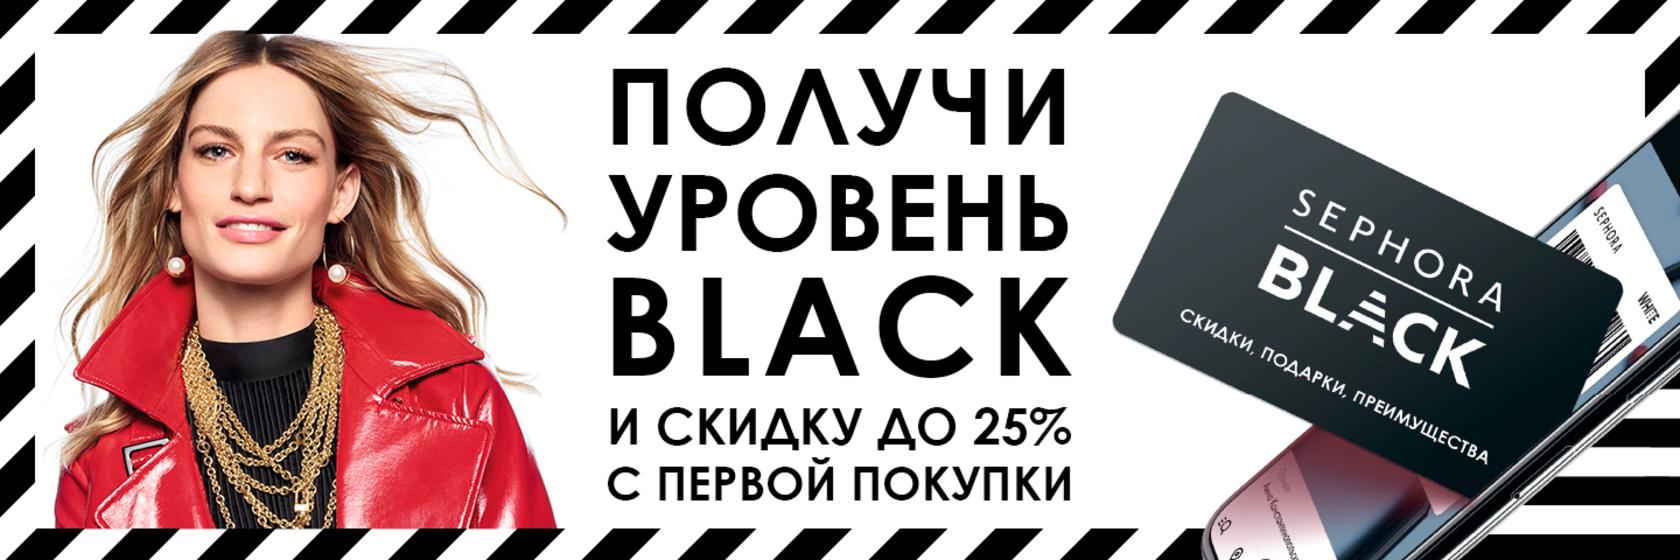 Diskontnaya Karta Urovnya Black V Sephora Beauty Day Book